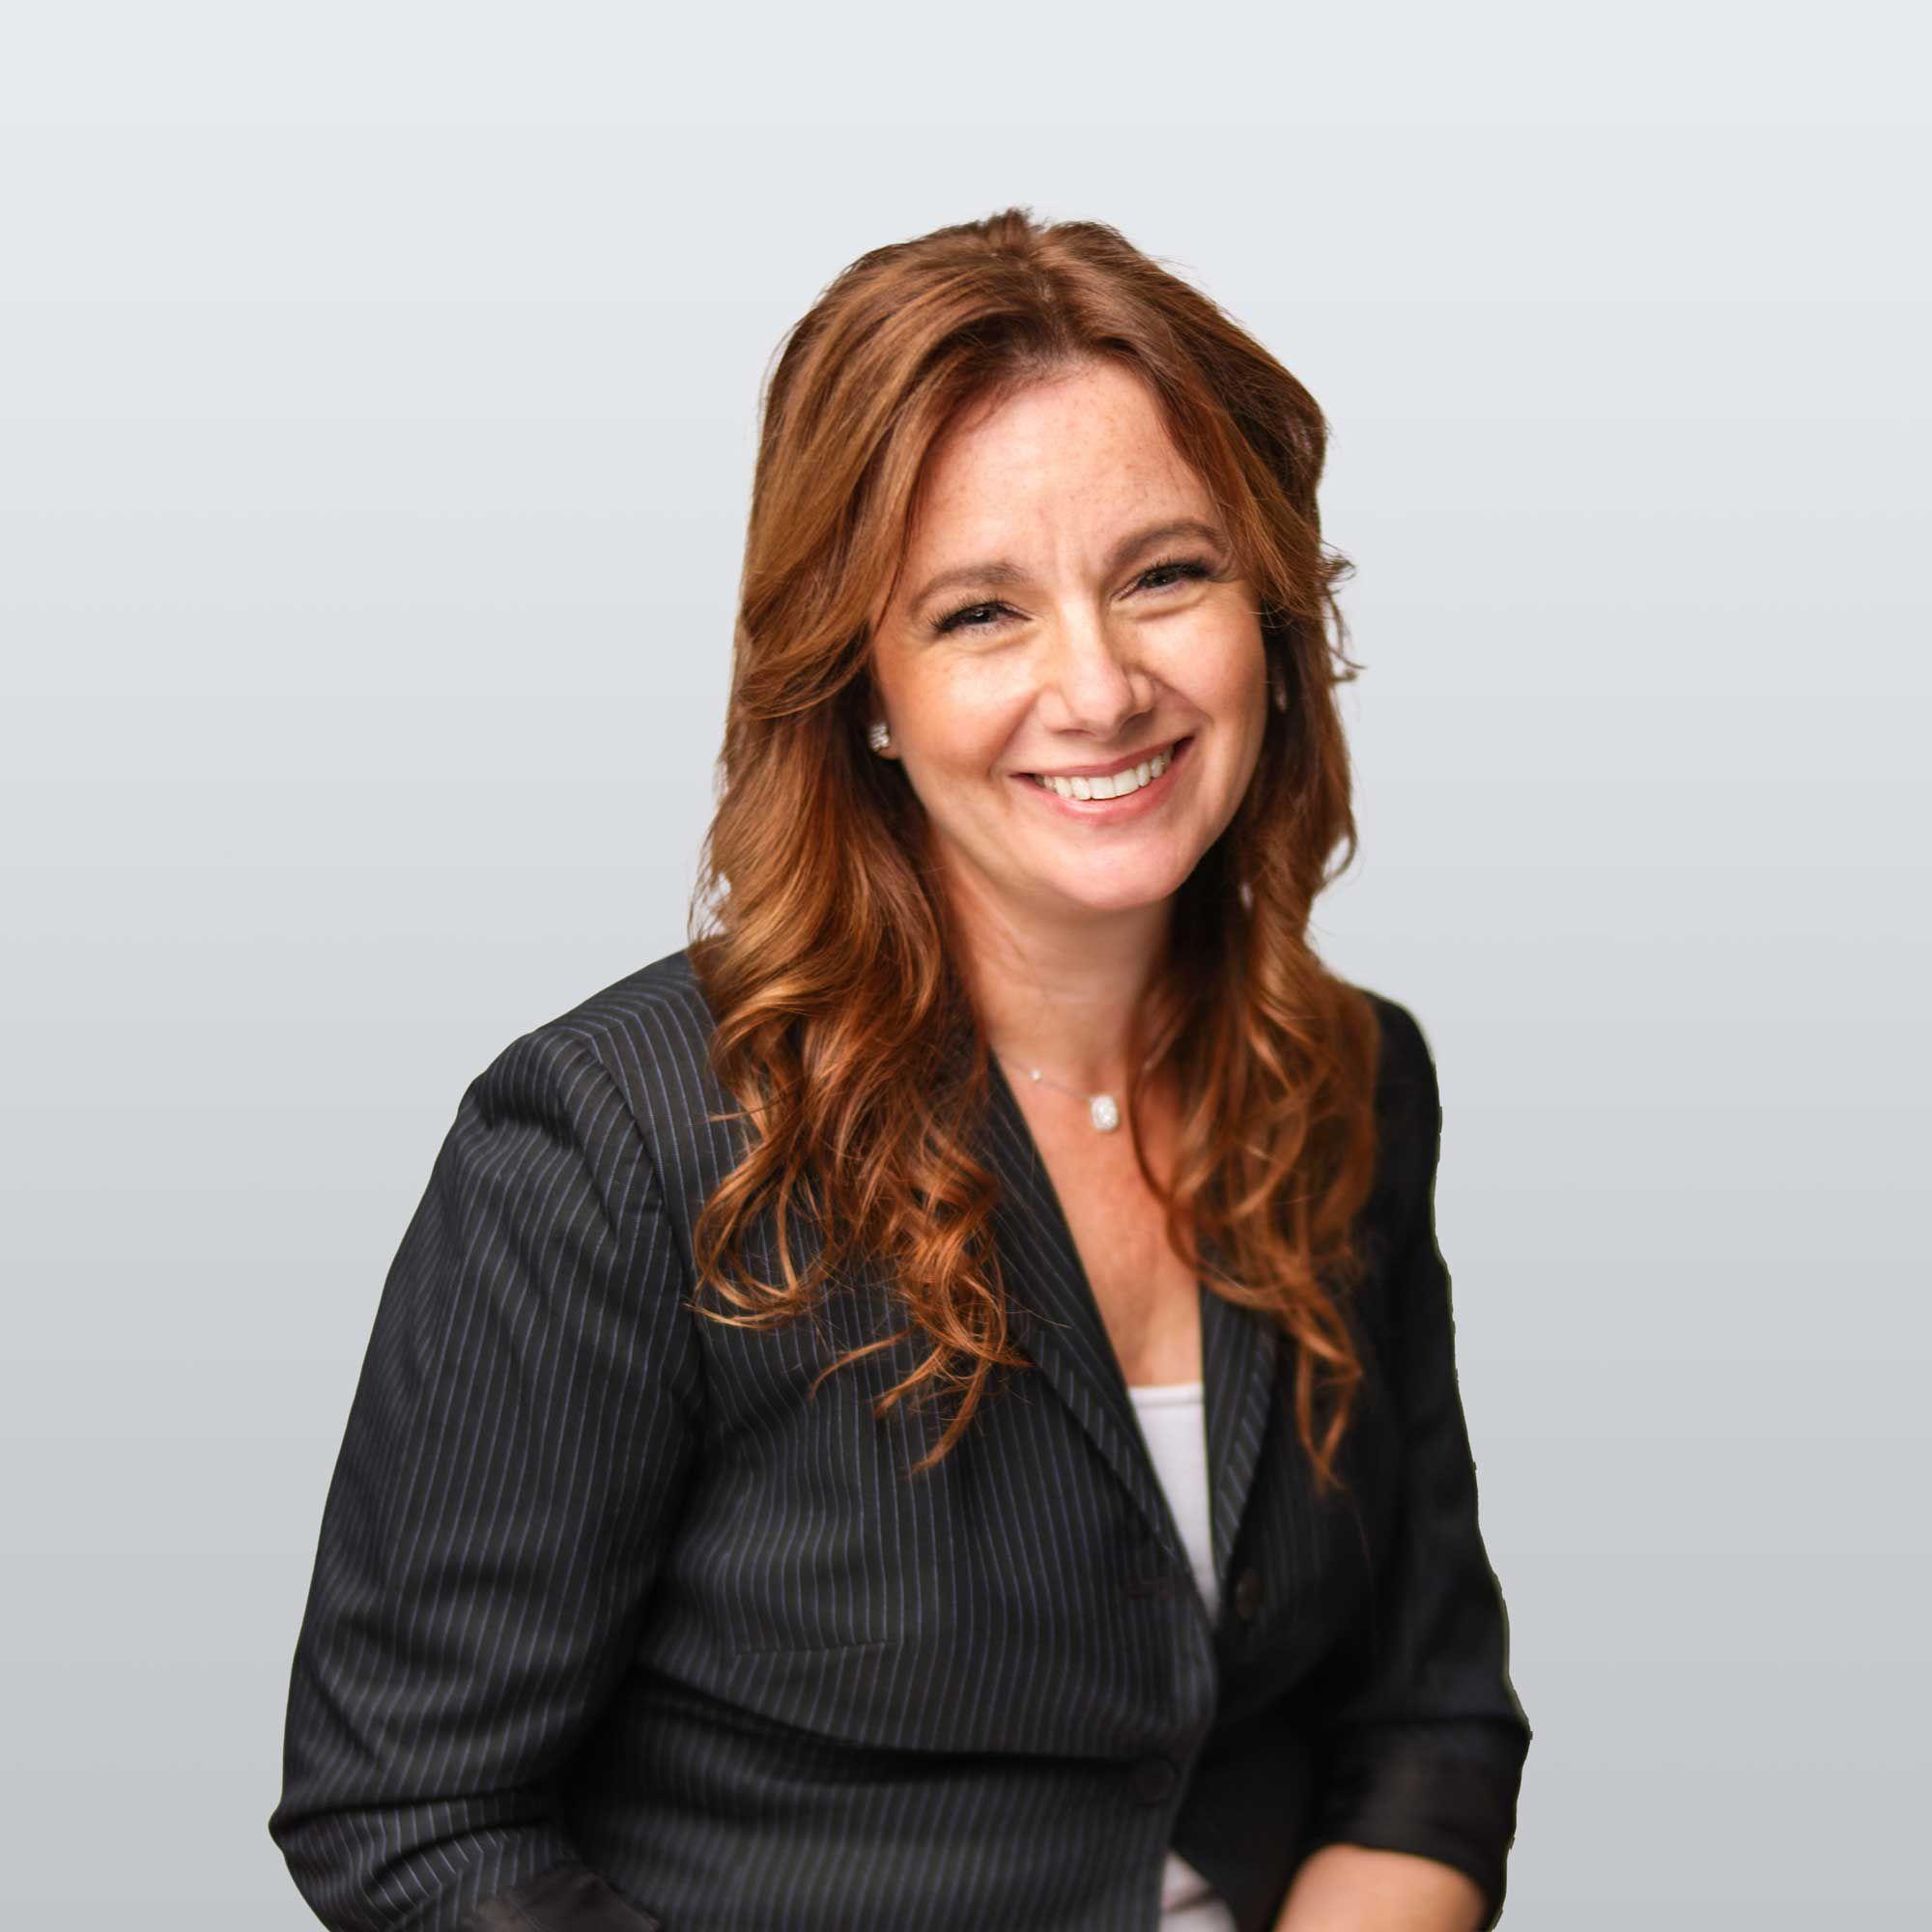 Veronica Curran